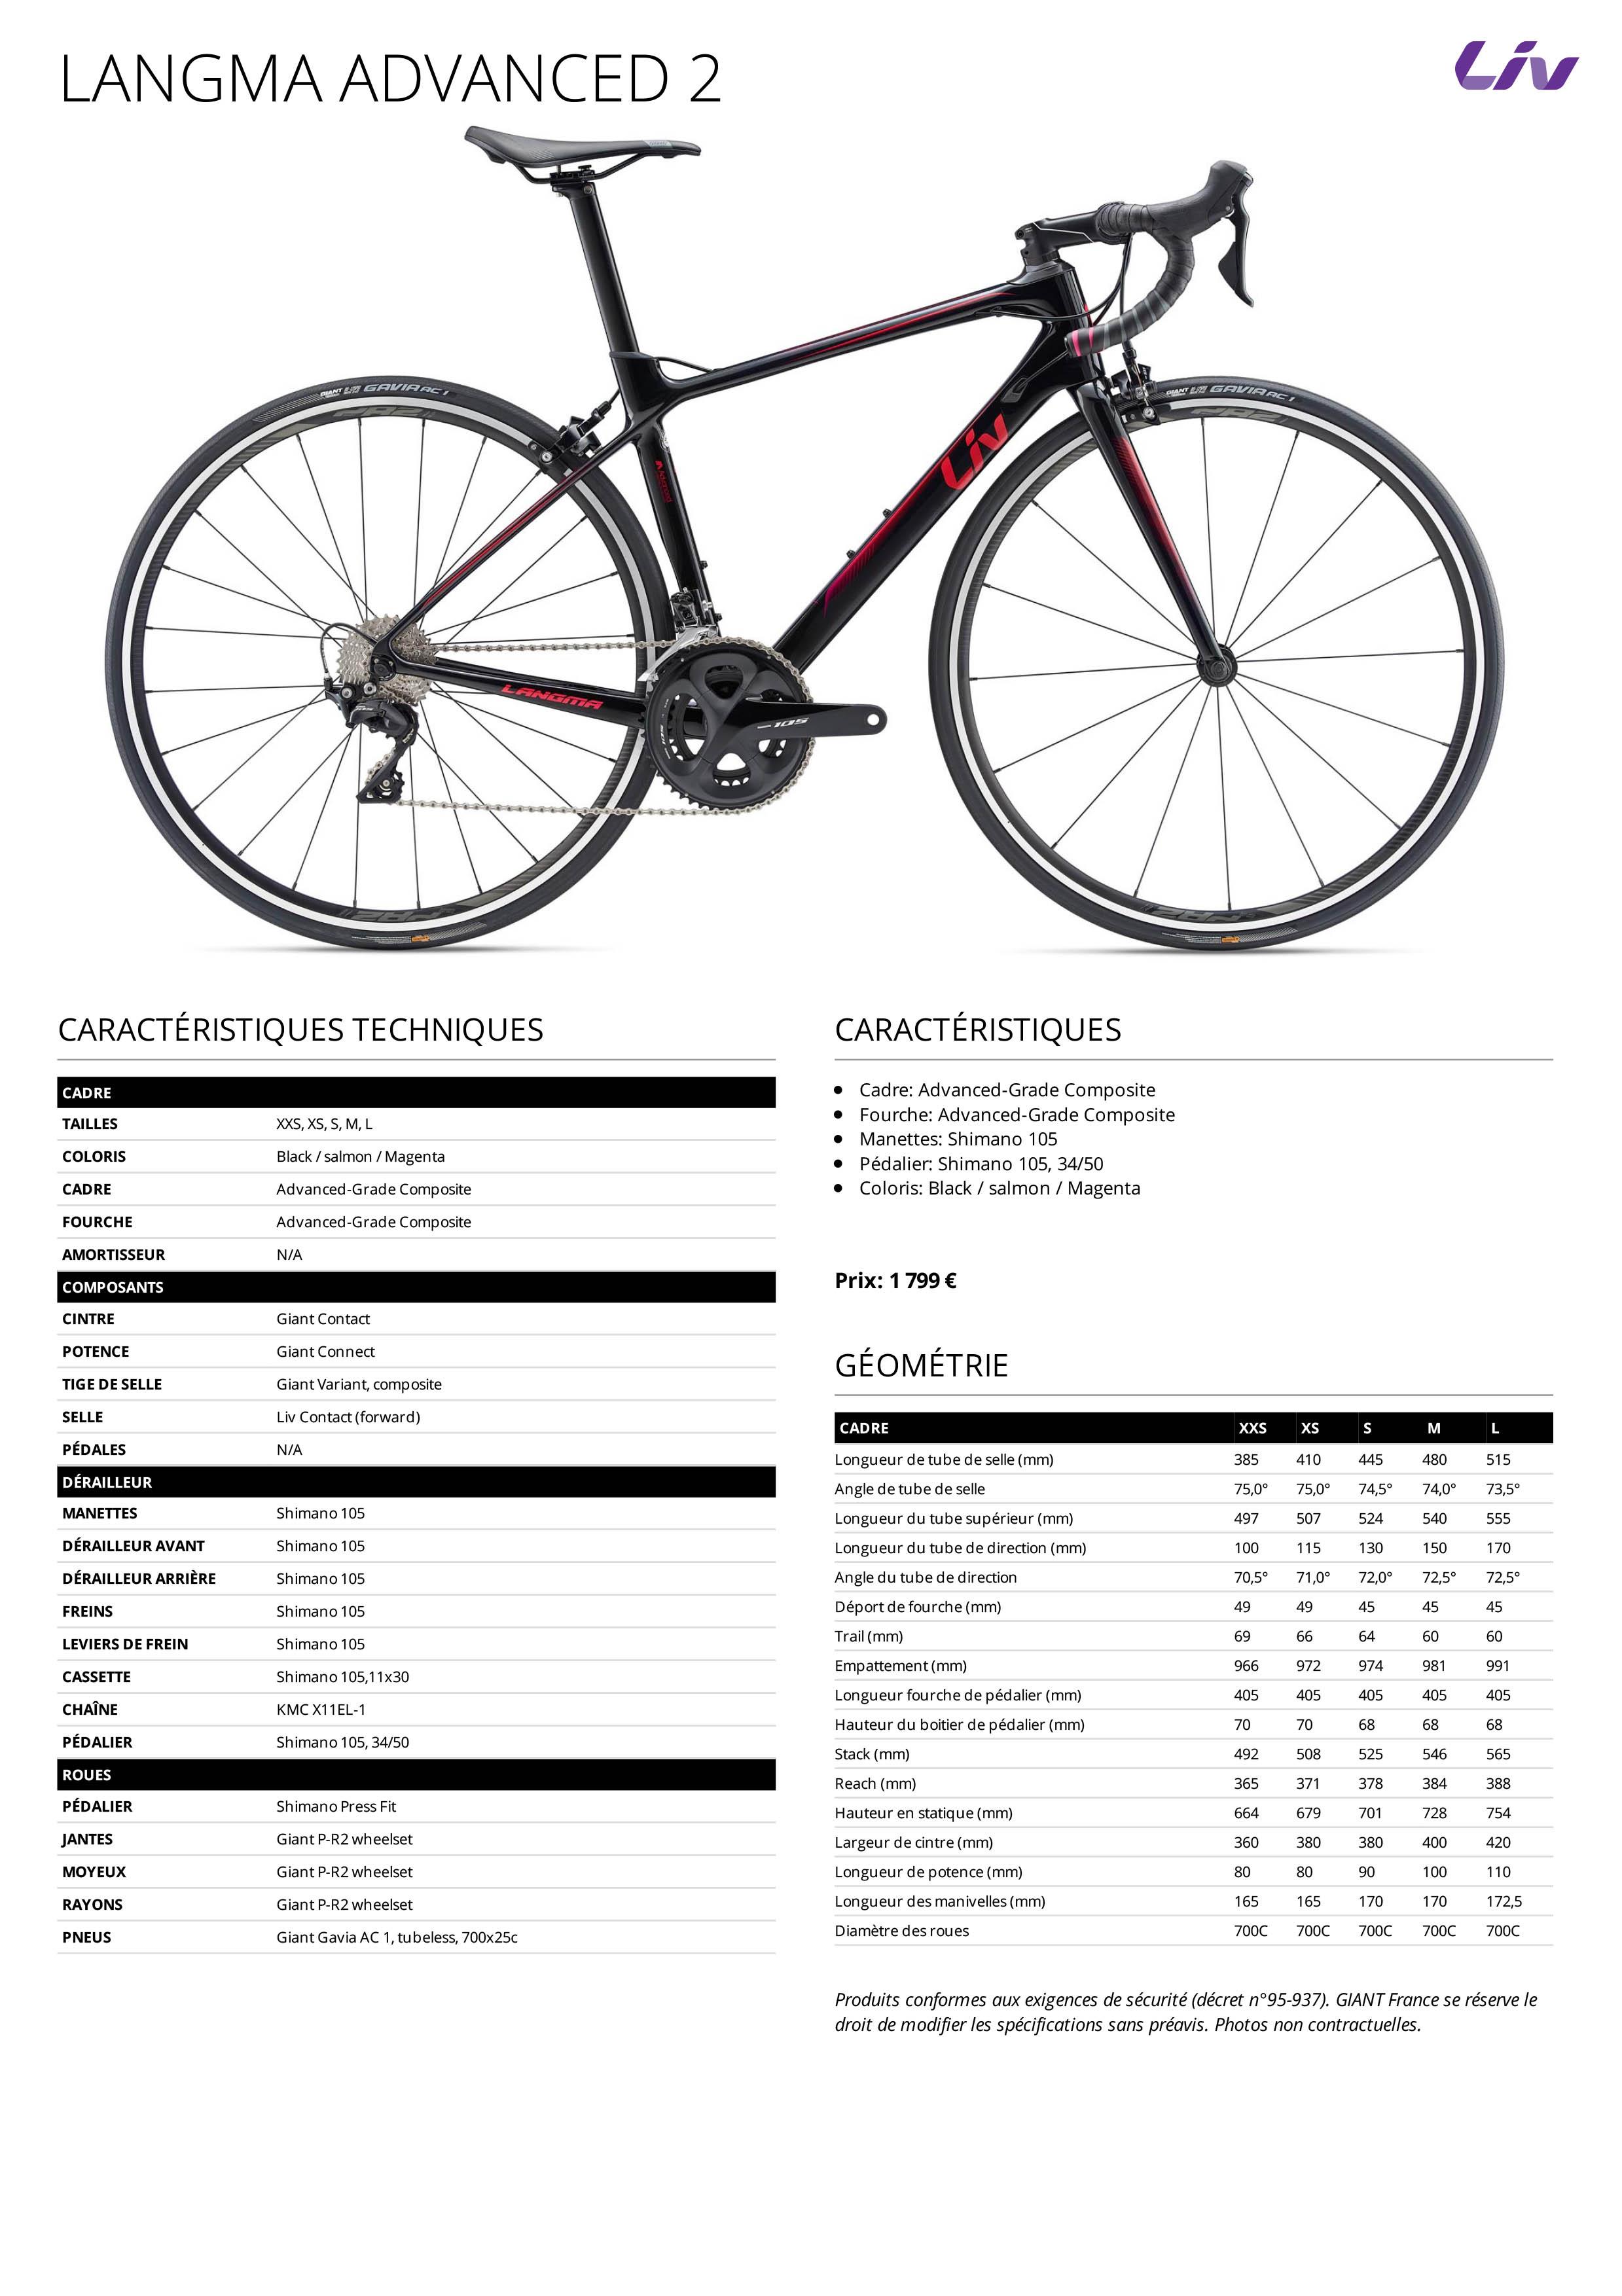 Fiche des caractéristiques techniques du vélo de route femme Liv Langma advanced 2 2019